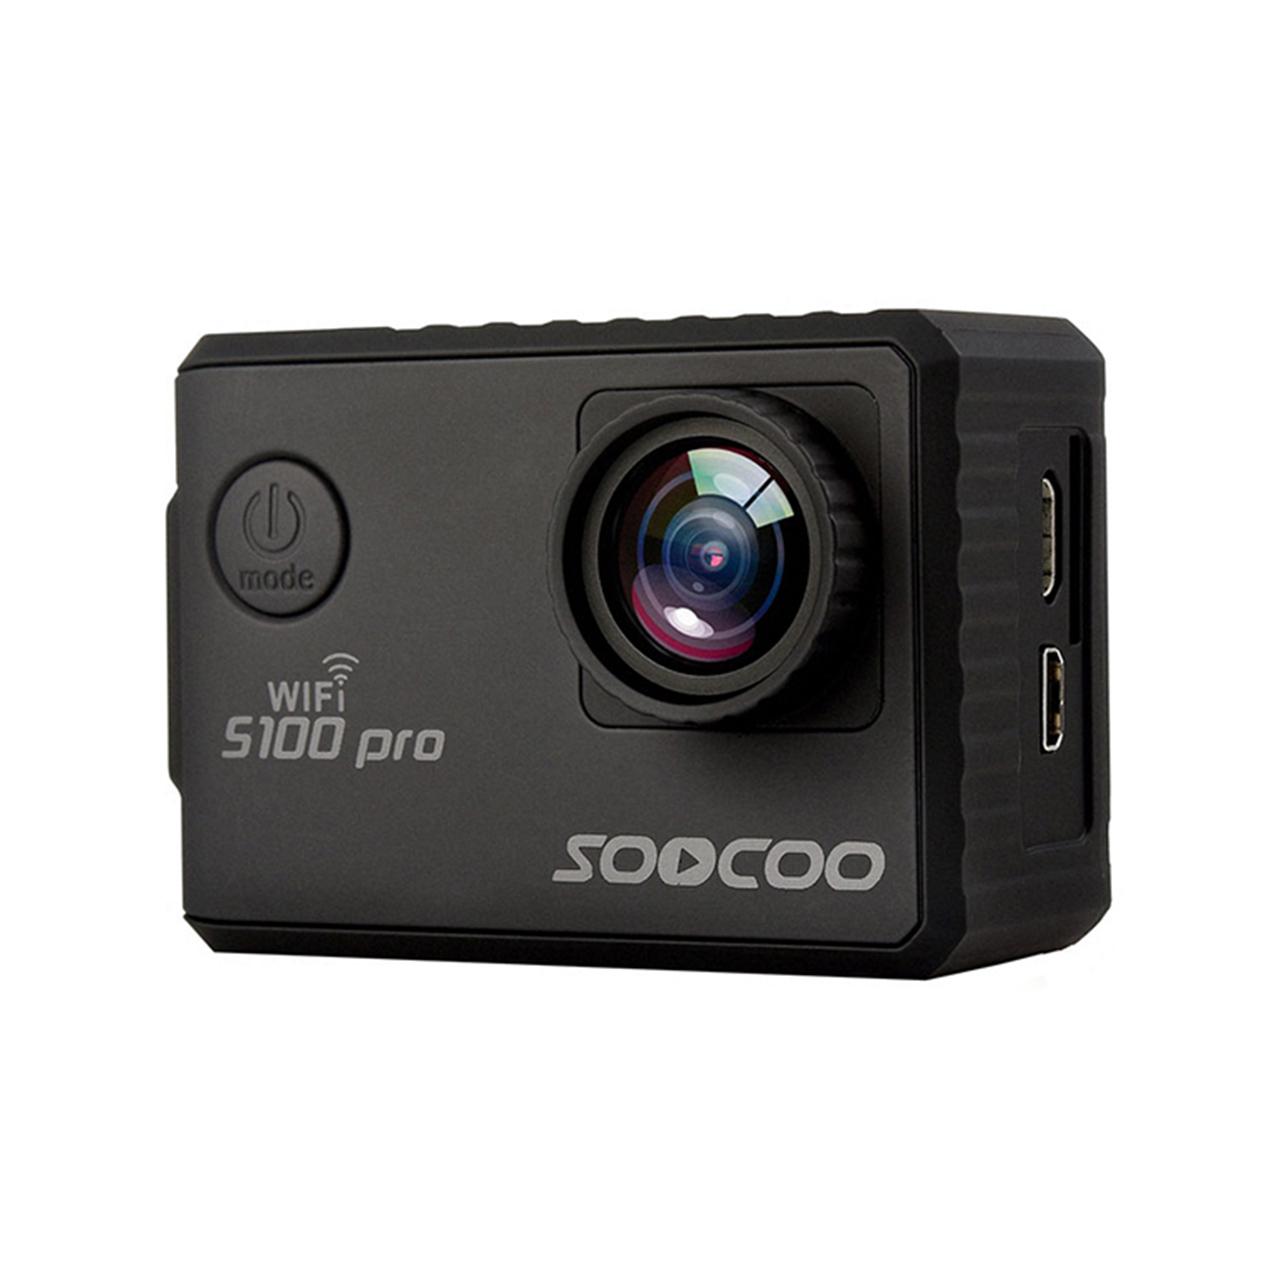 دوربین فیلم برداری ورزشی SOOCOO مدل S100 pro